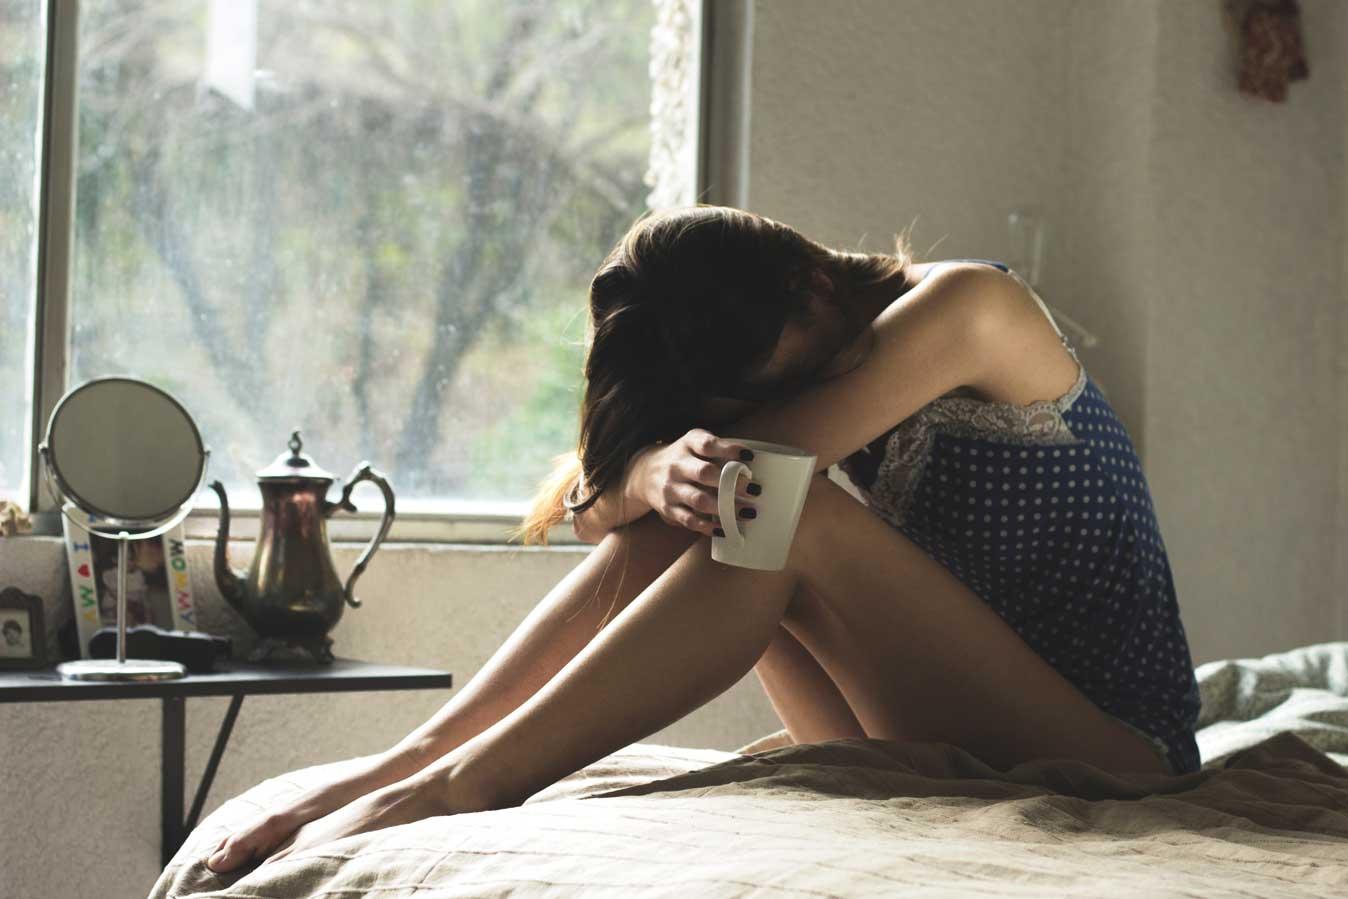 come riconquistare una ragazza delusa